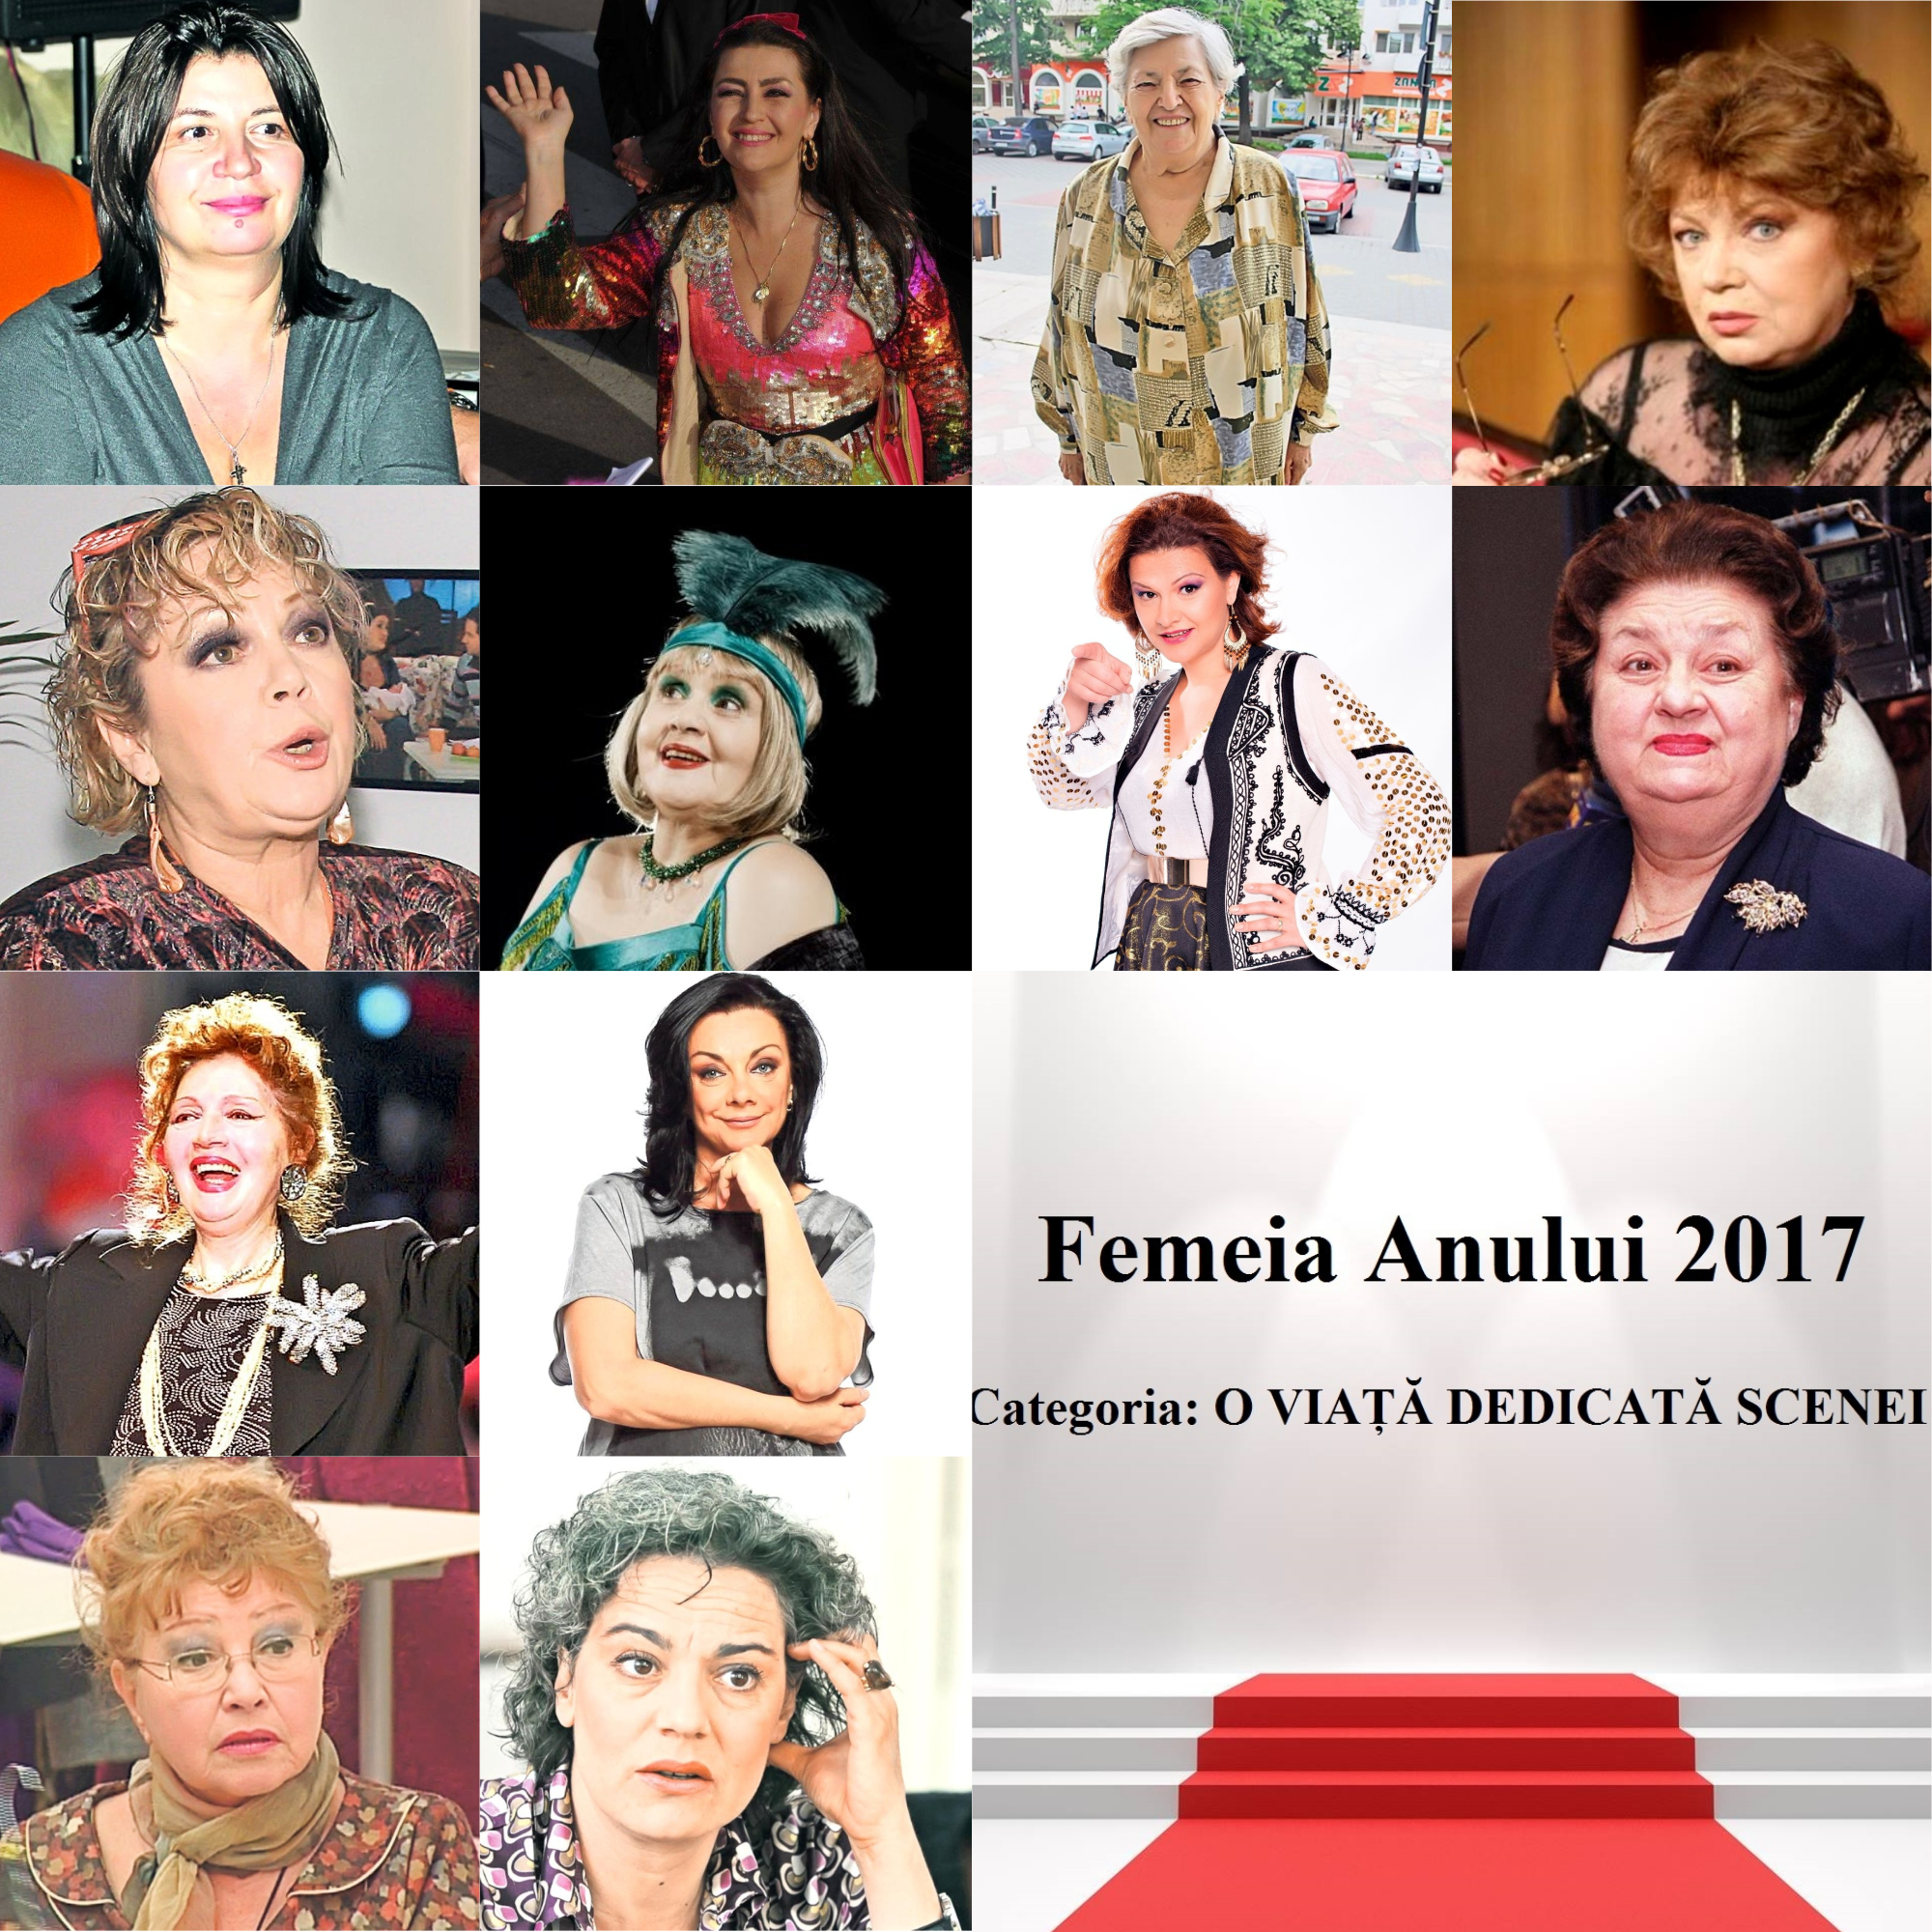 FEMEIA ANULUI 2017 - O VIATA DEDICATĂ SCENEI